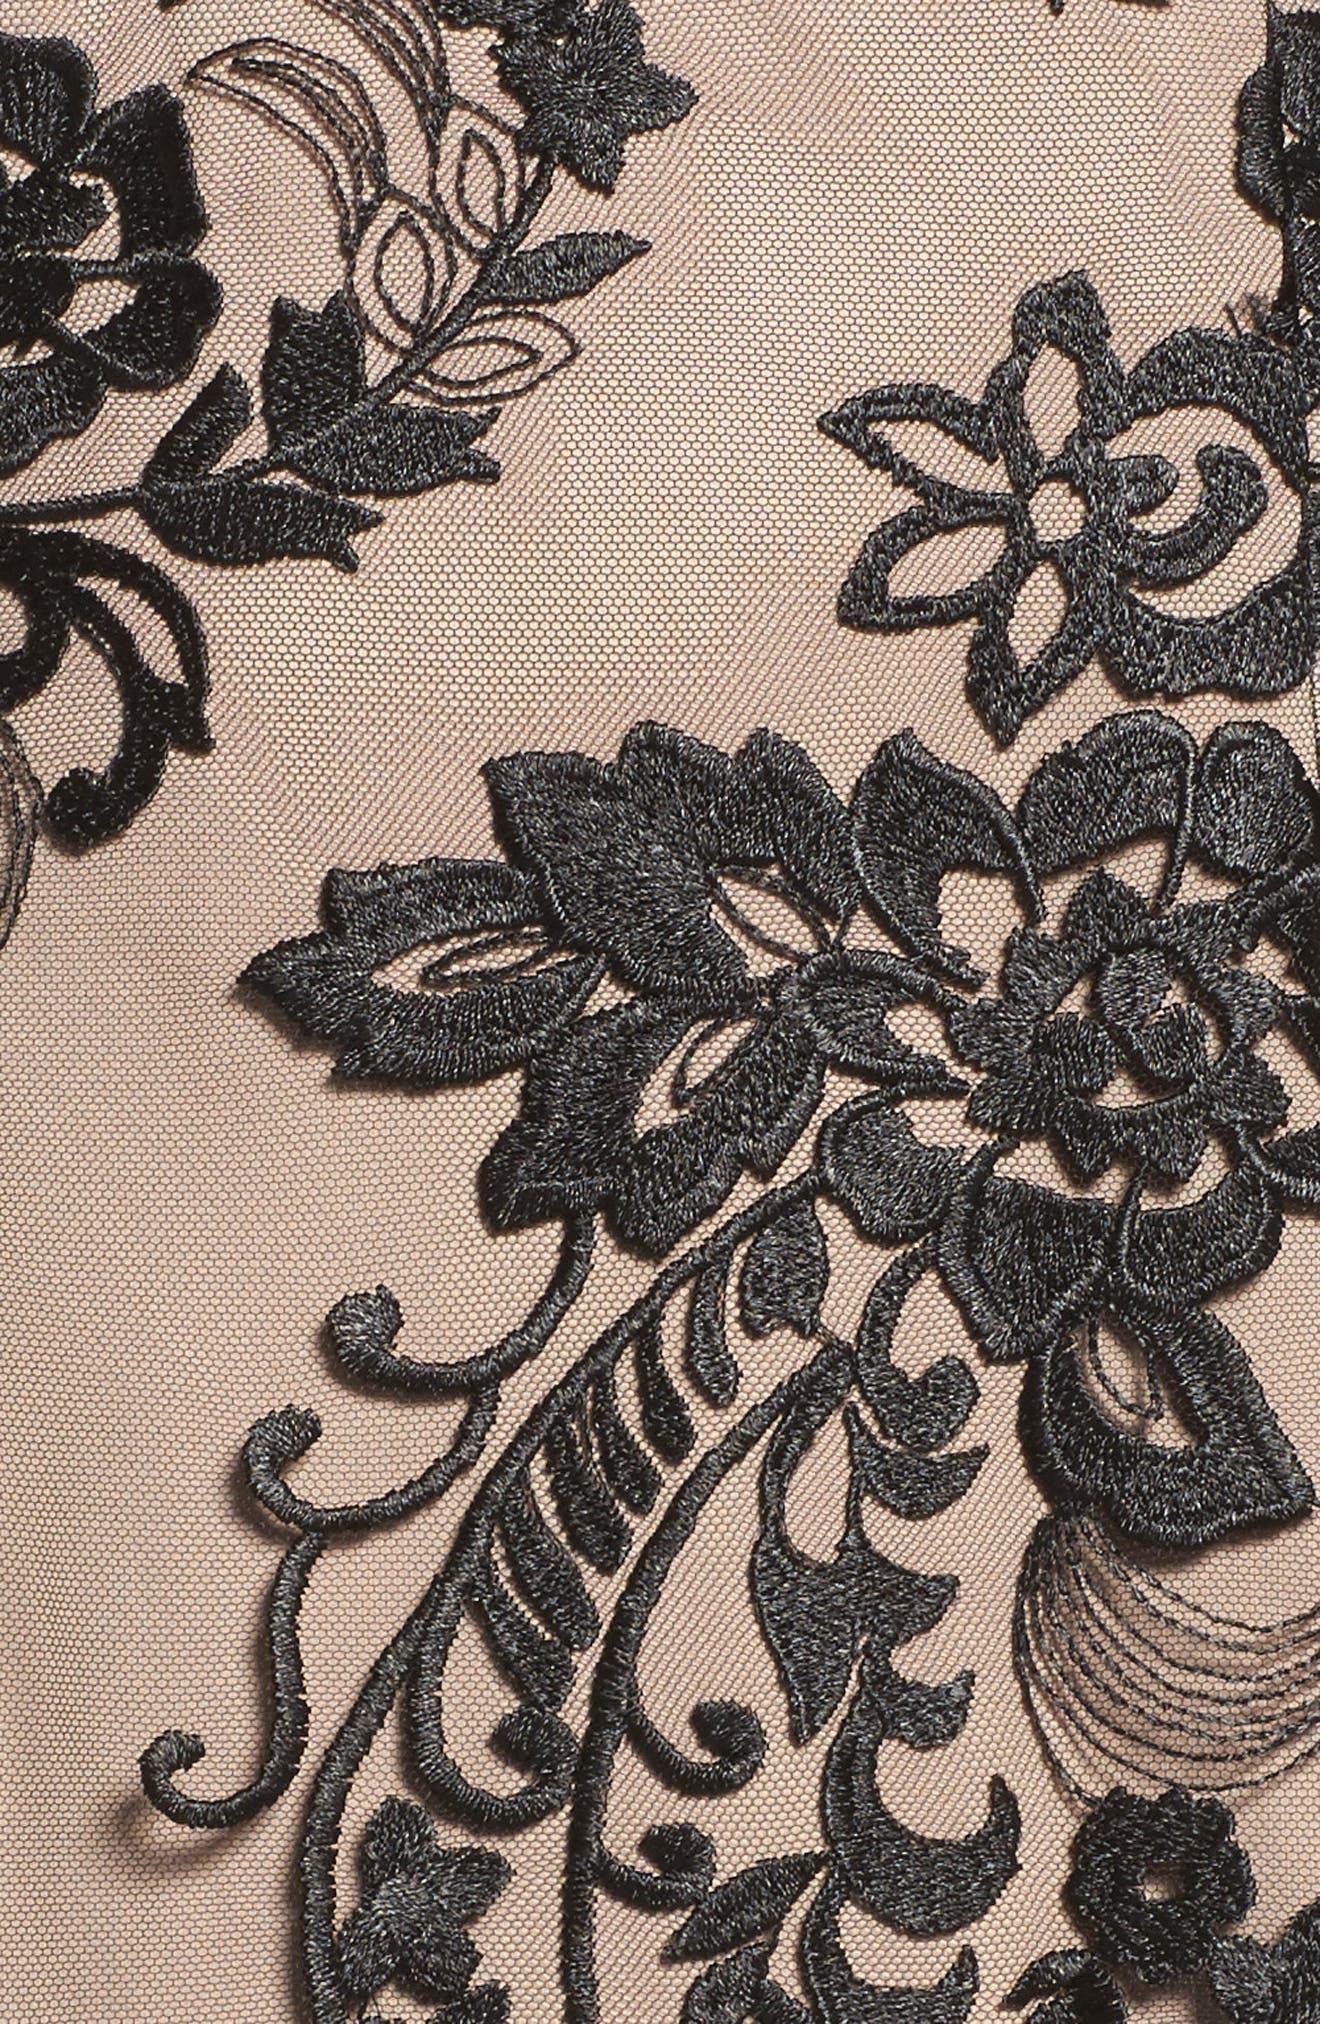 Eillen Embroidered Lace Dress,                             Alternate thumbnail 5, color,                             Black/ Bisque